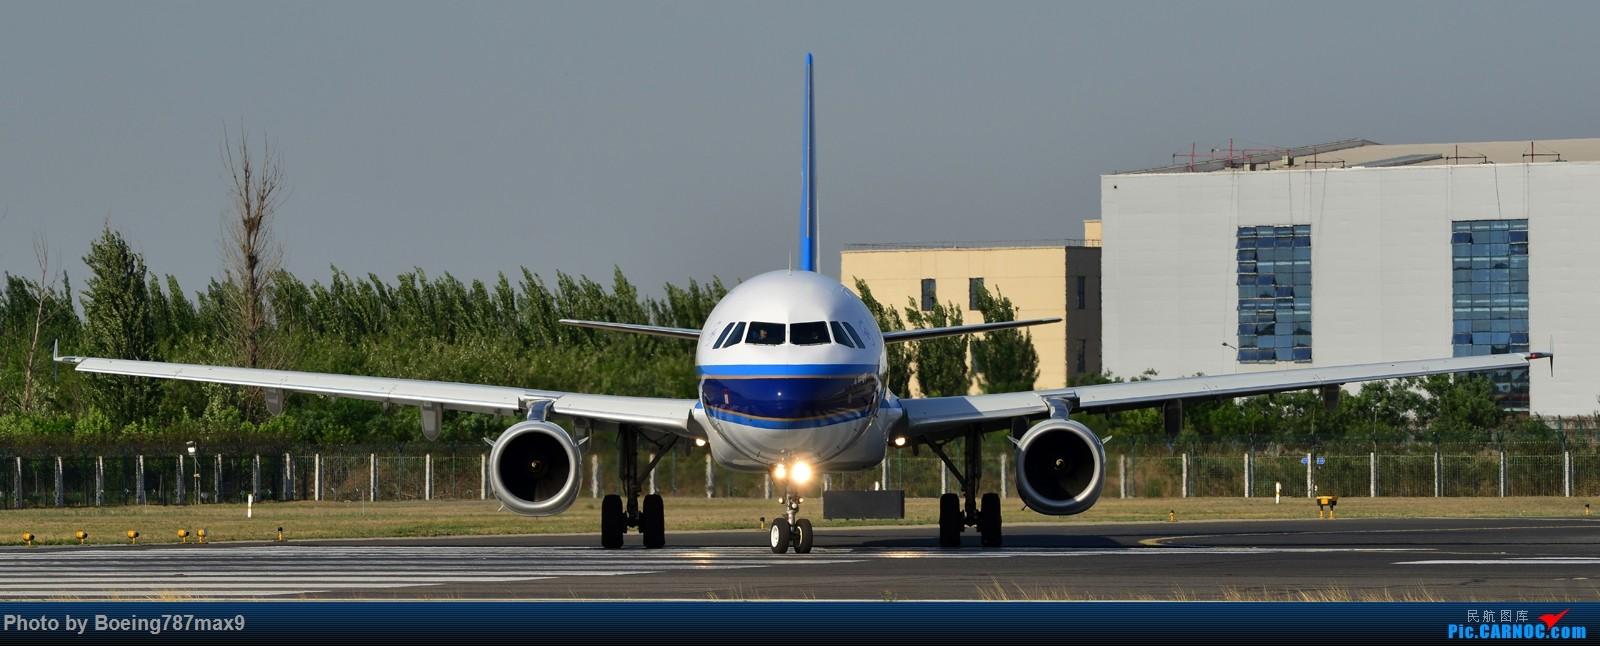 Re:[原创]【PEK】独一无二独特的拍摄角度,超有震撼力的机头『1600*高清大图』 AIRBUS A321-200 B-6625 中国北京首都国际机场